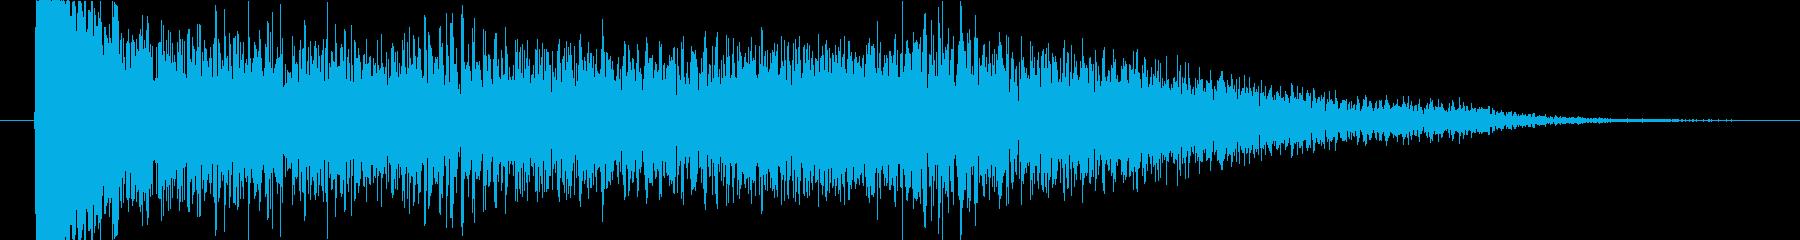 時間・重力系の魔法攻撃音の再生済みの波形